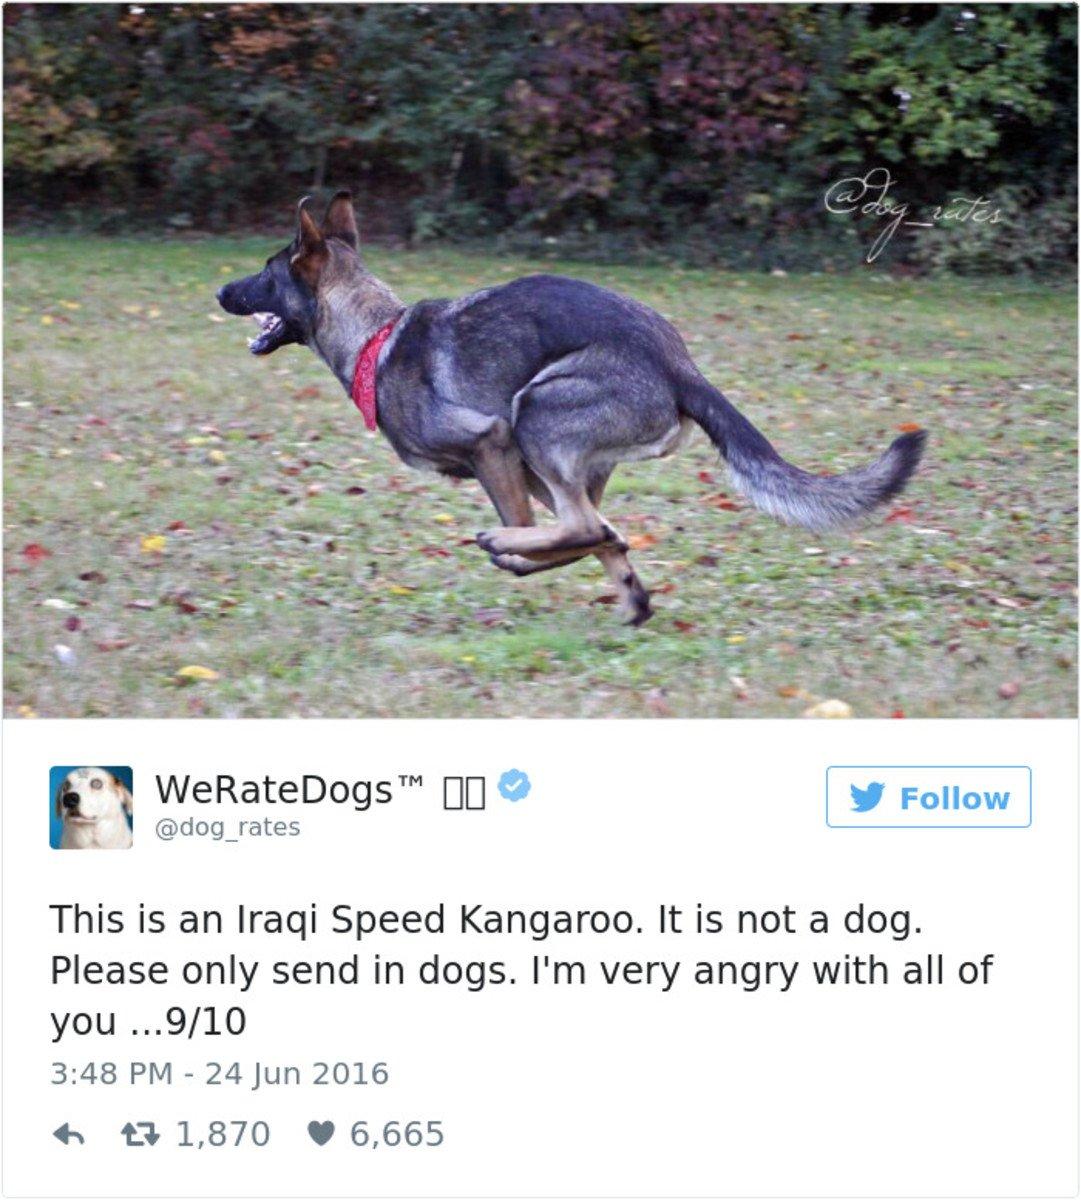 @dog_rates